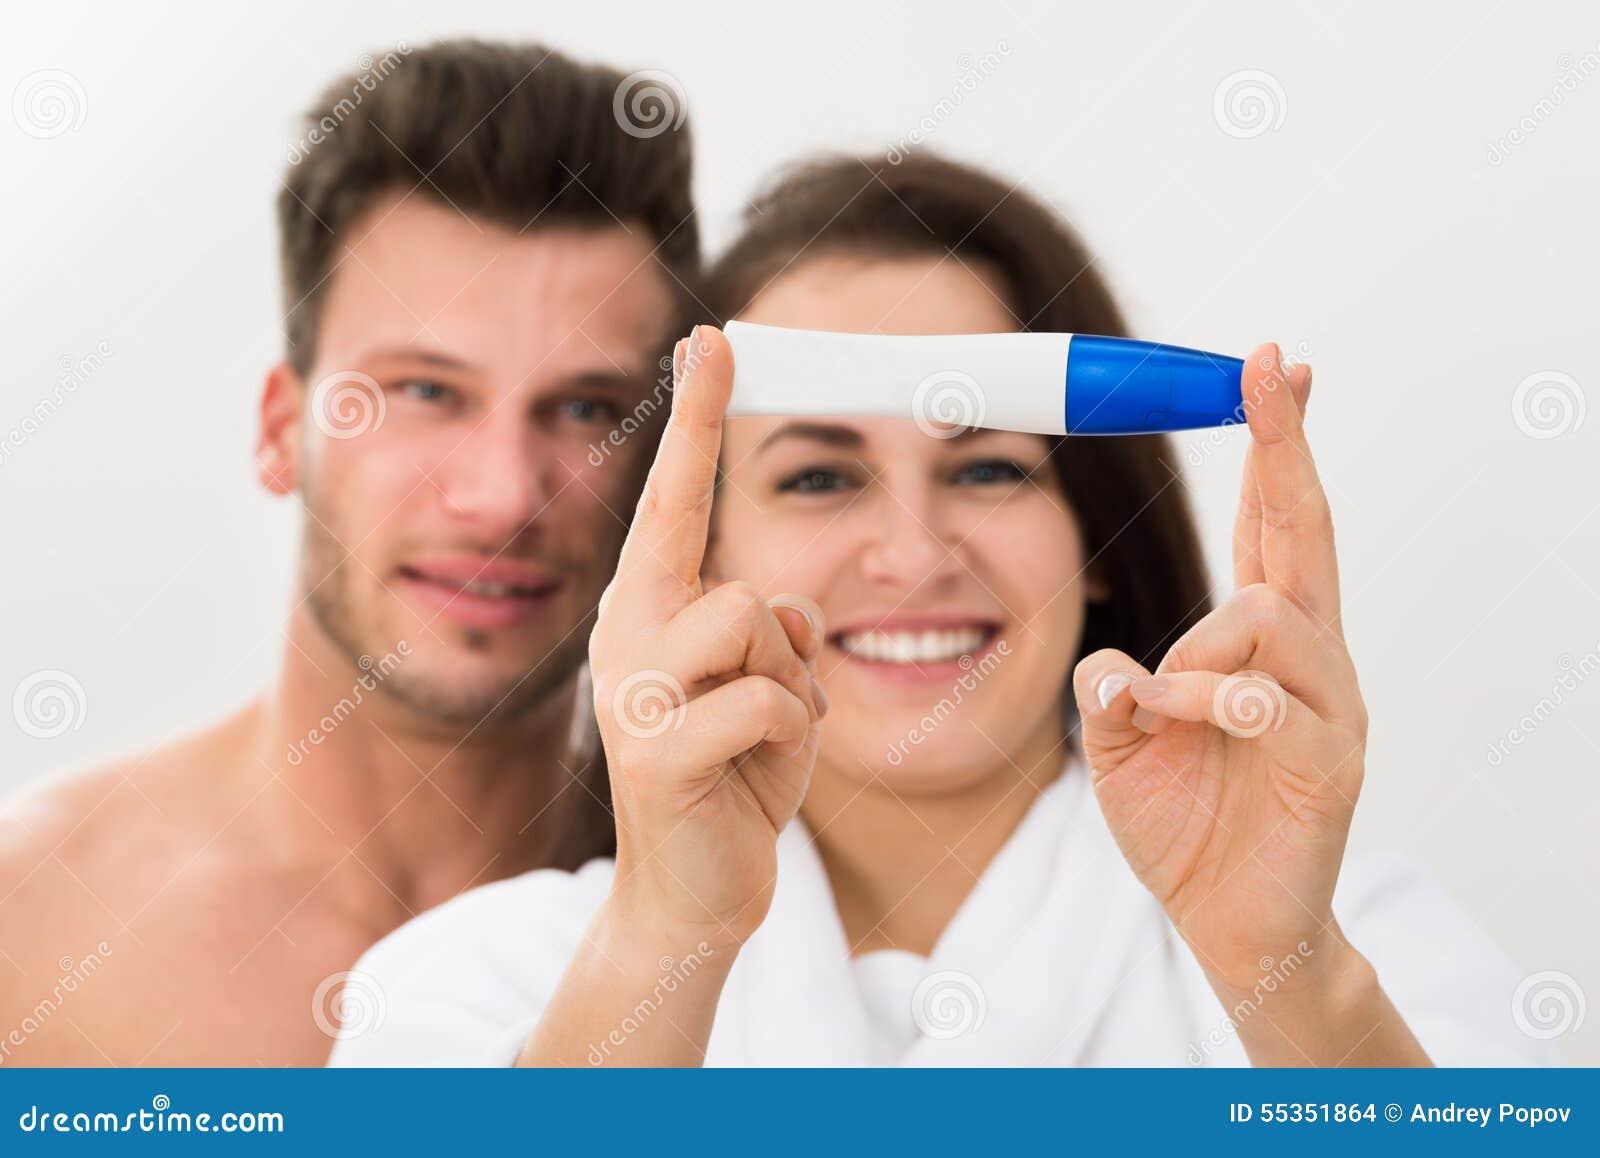 Coppie che mostrano test di gravidanza positivo